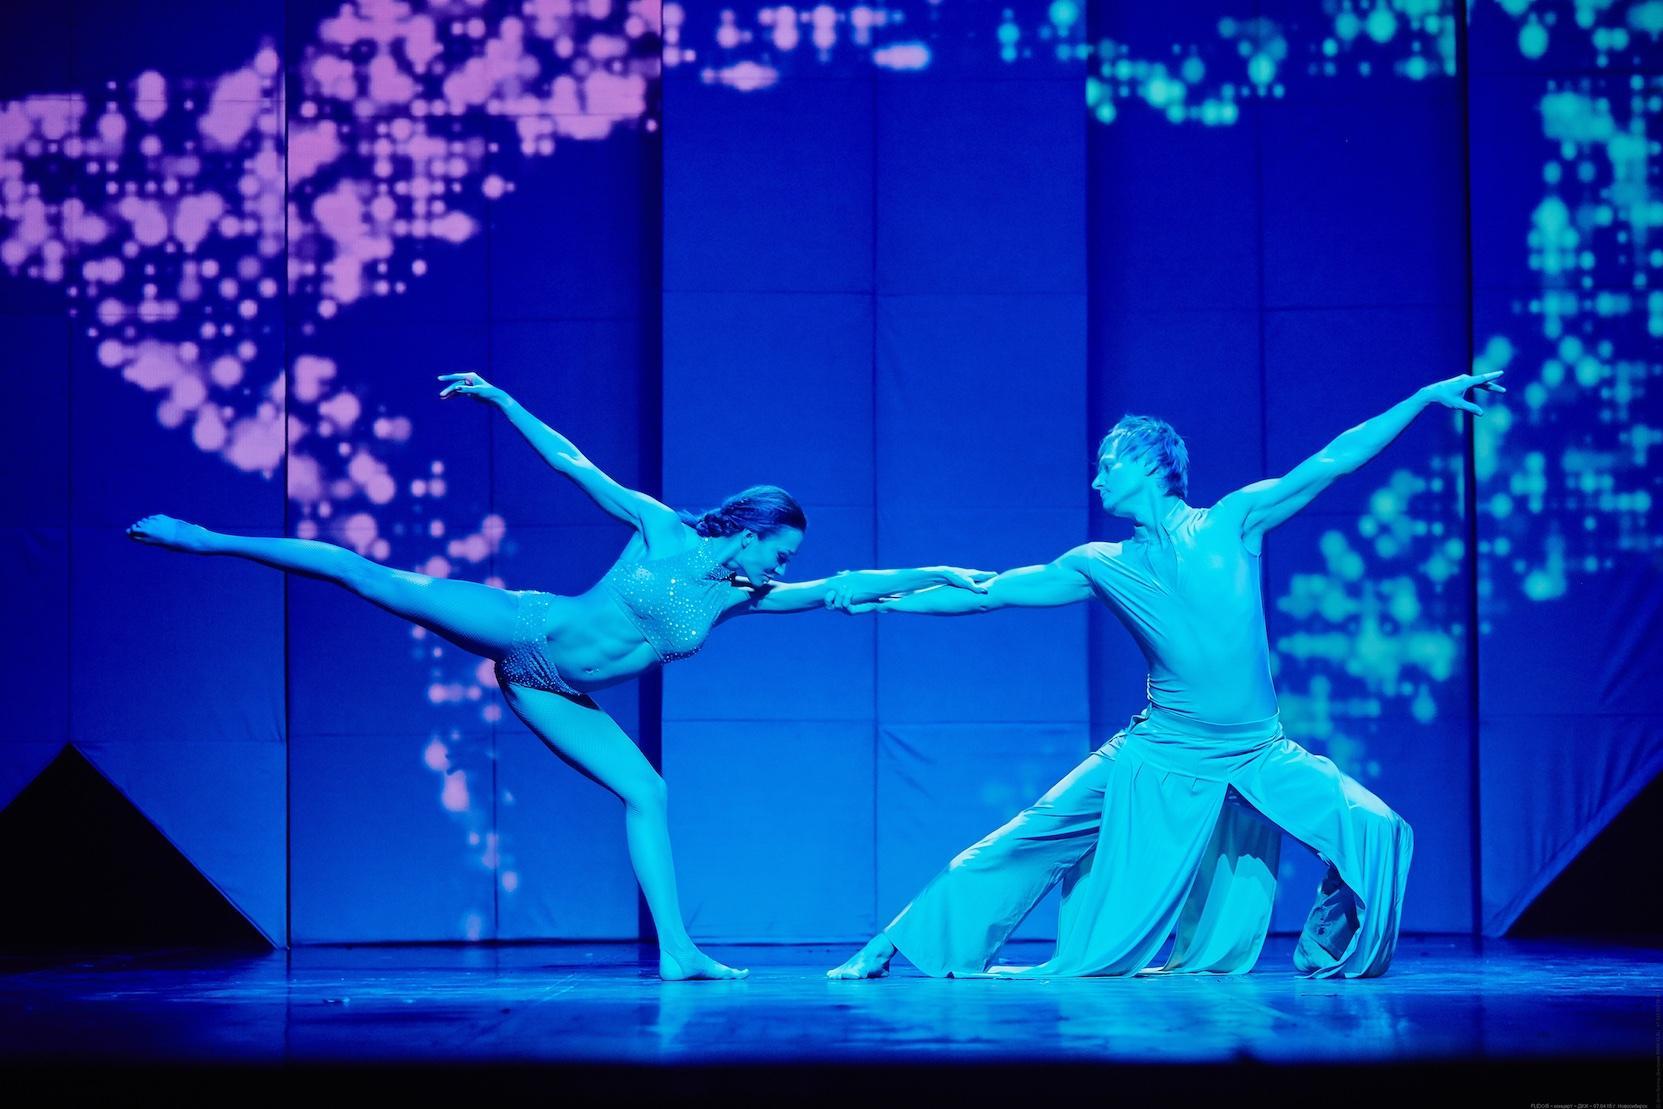 FLEXX BALLET с ново шоу в Бургас